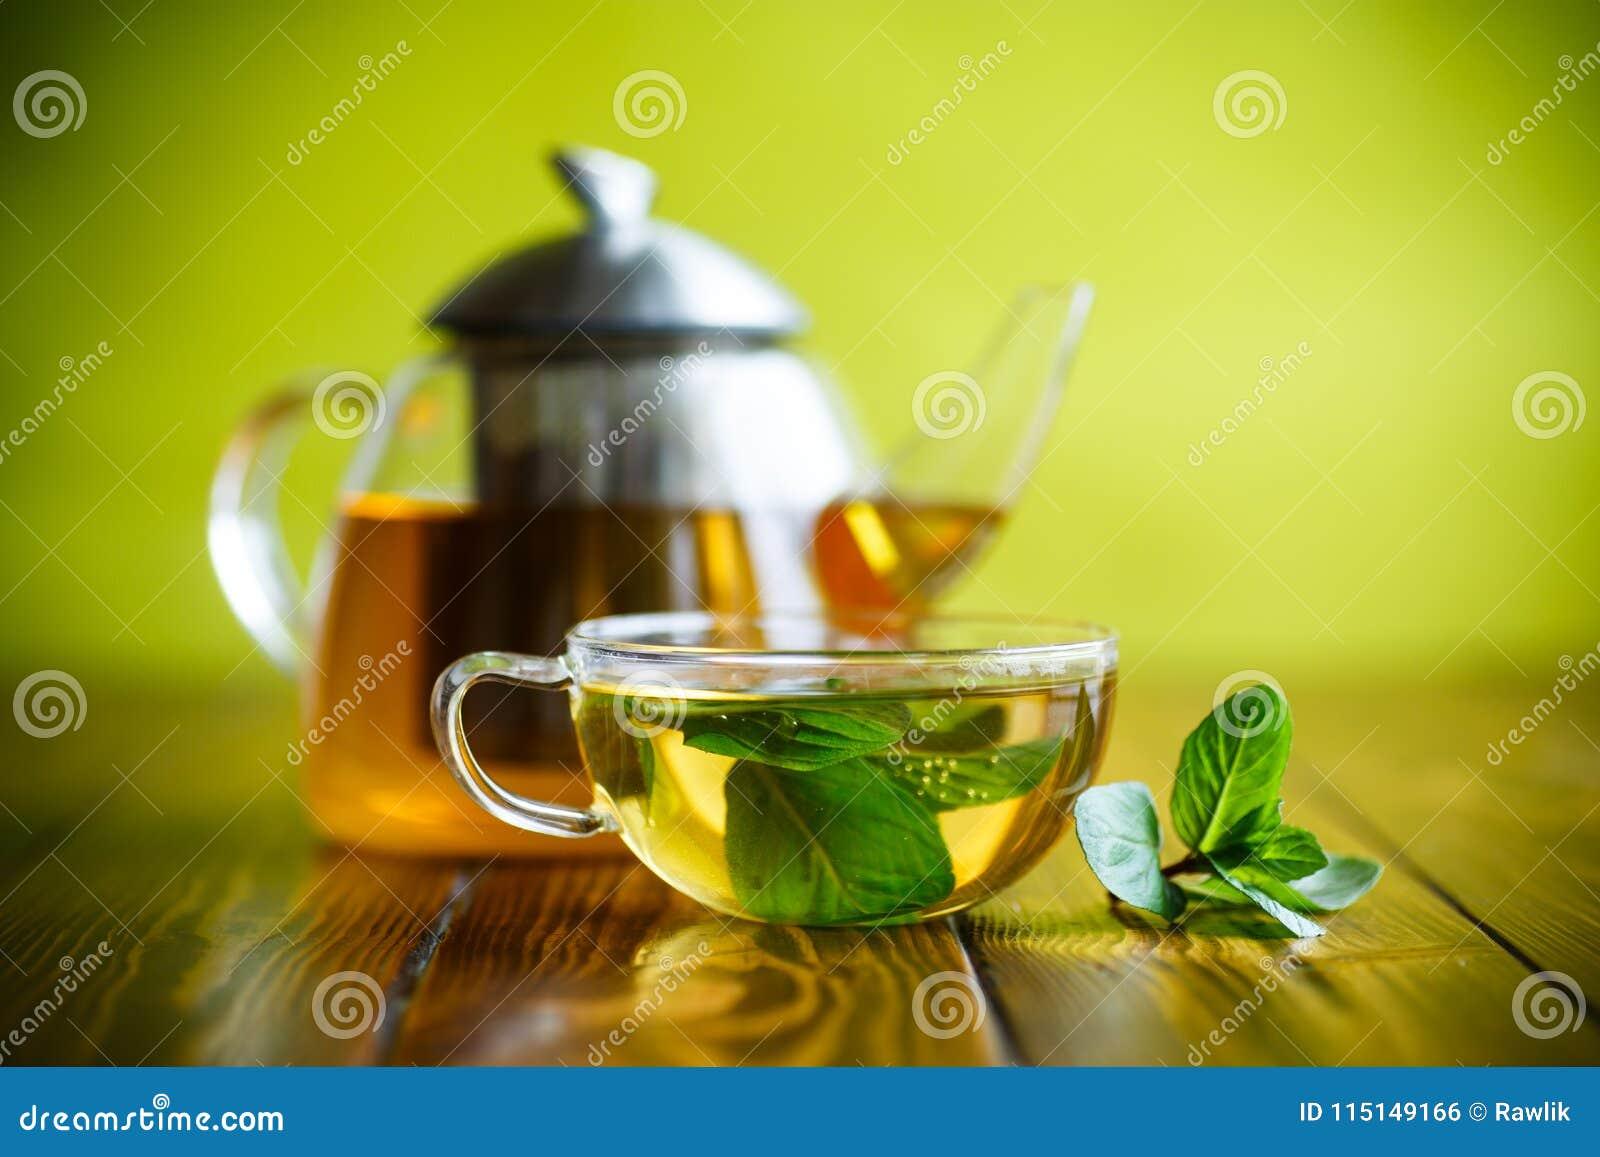 热的绿茶用新鲜薄荷